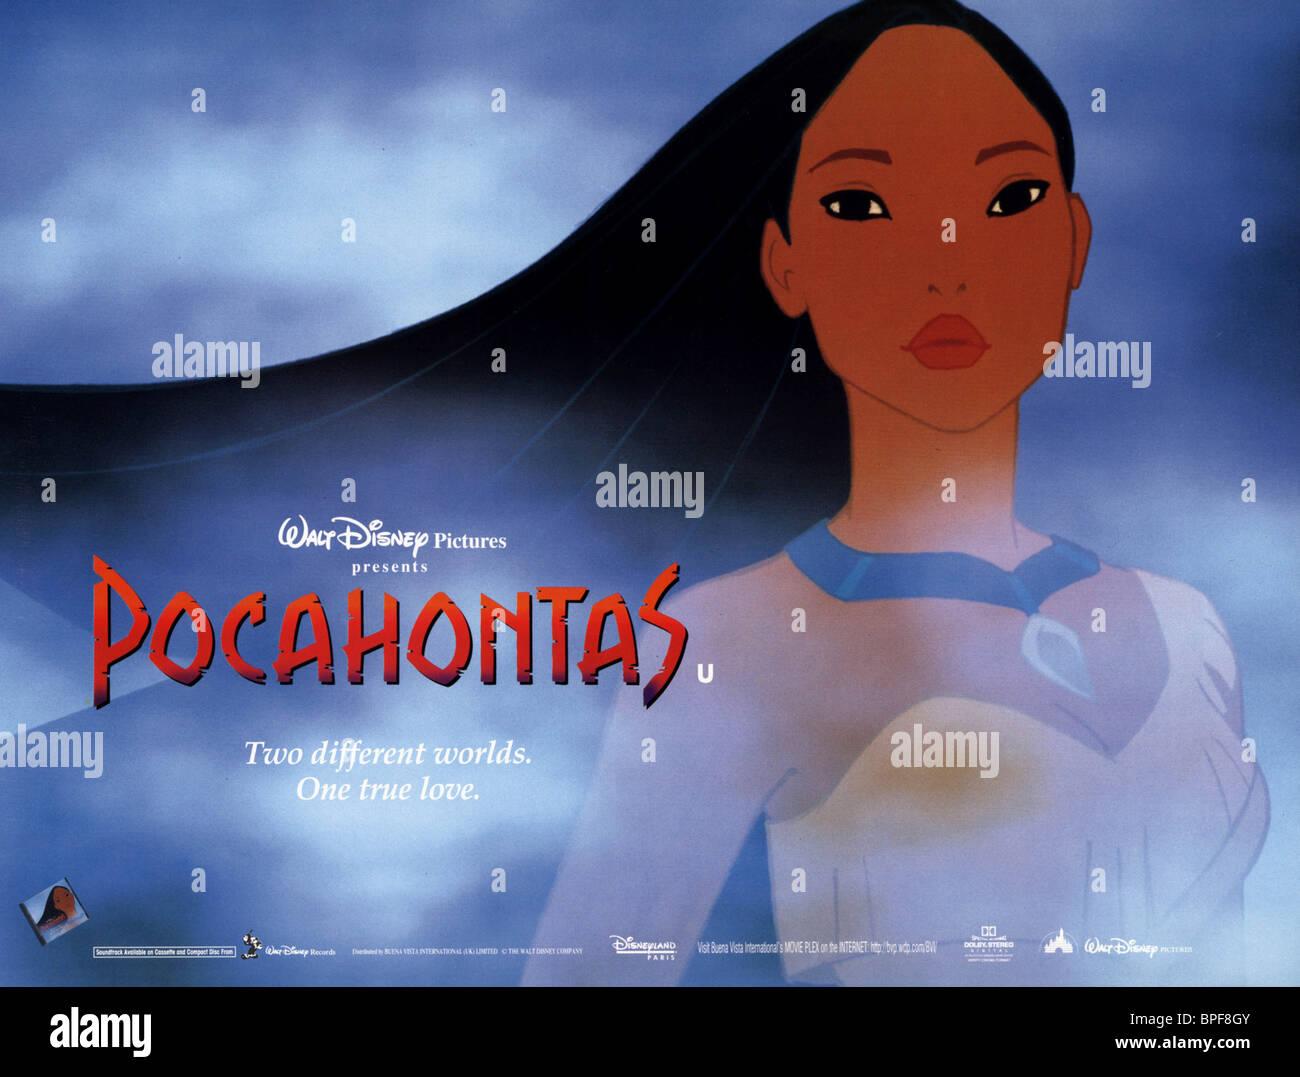 pocahontas-film-poster-pocahontas-1995-BPF8GY.jpg